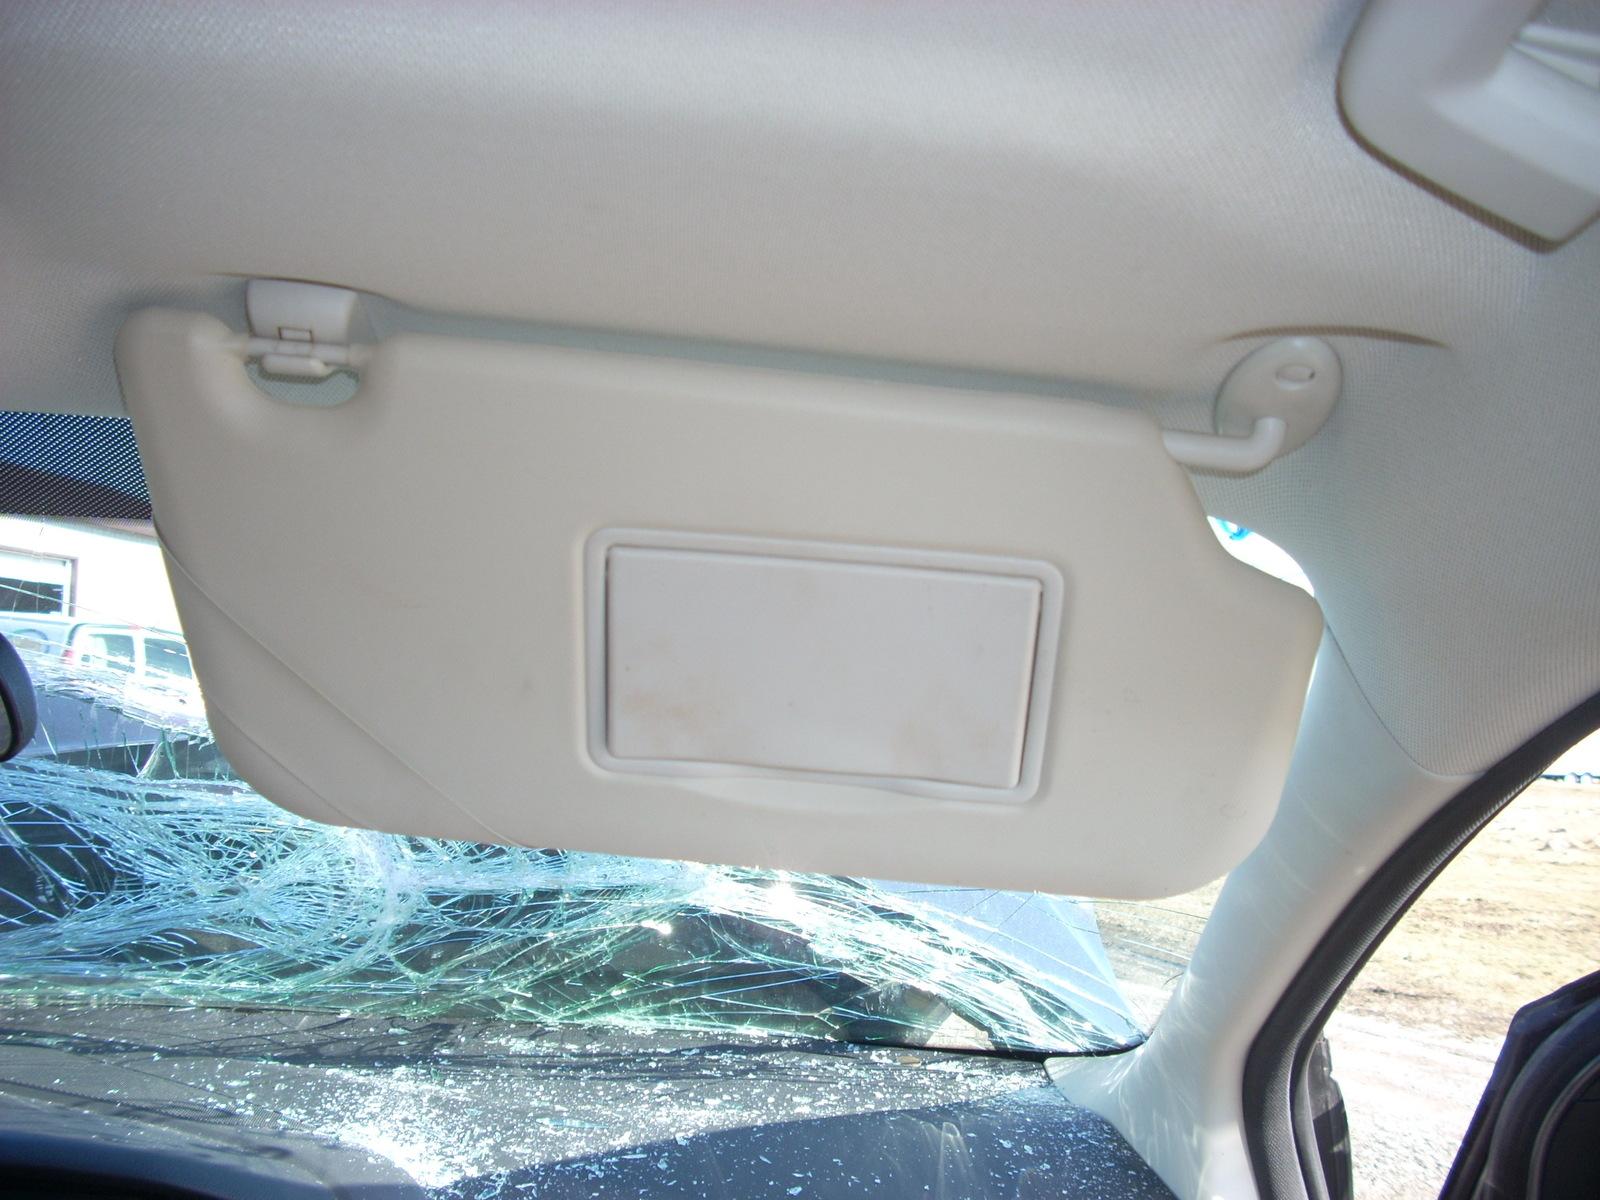 2012 Ford Focus Right Sun Visor and 50 similar items. Dscn0738 8498901330e